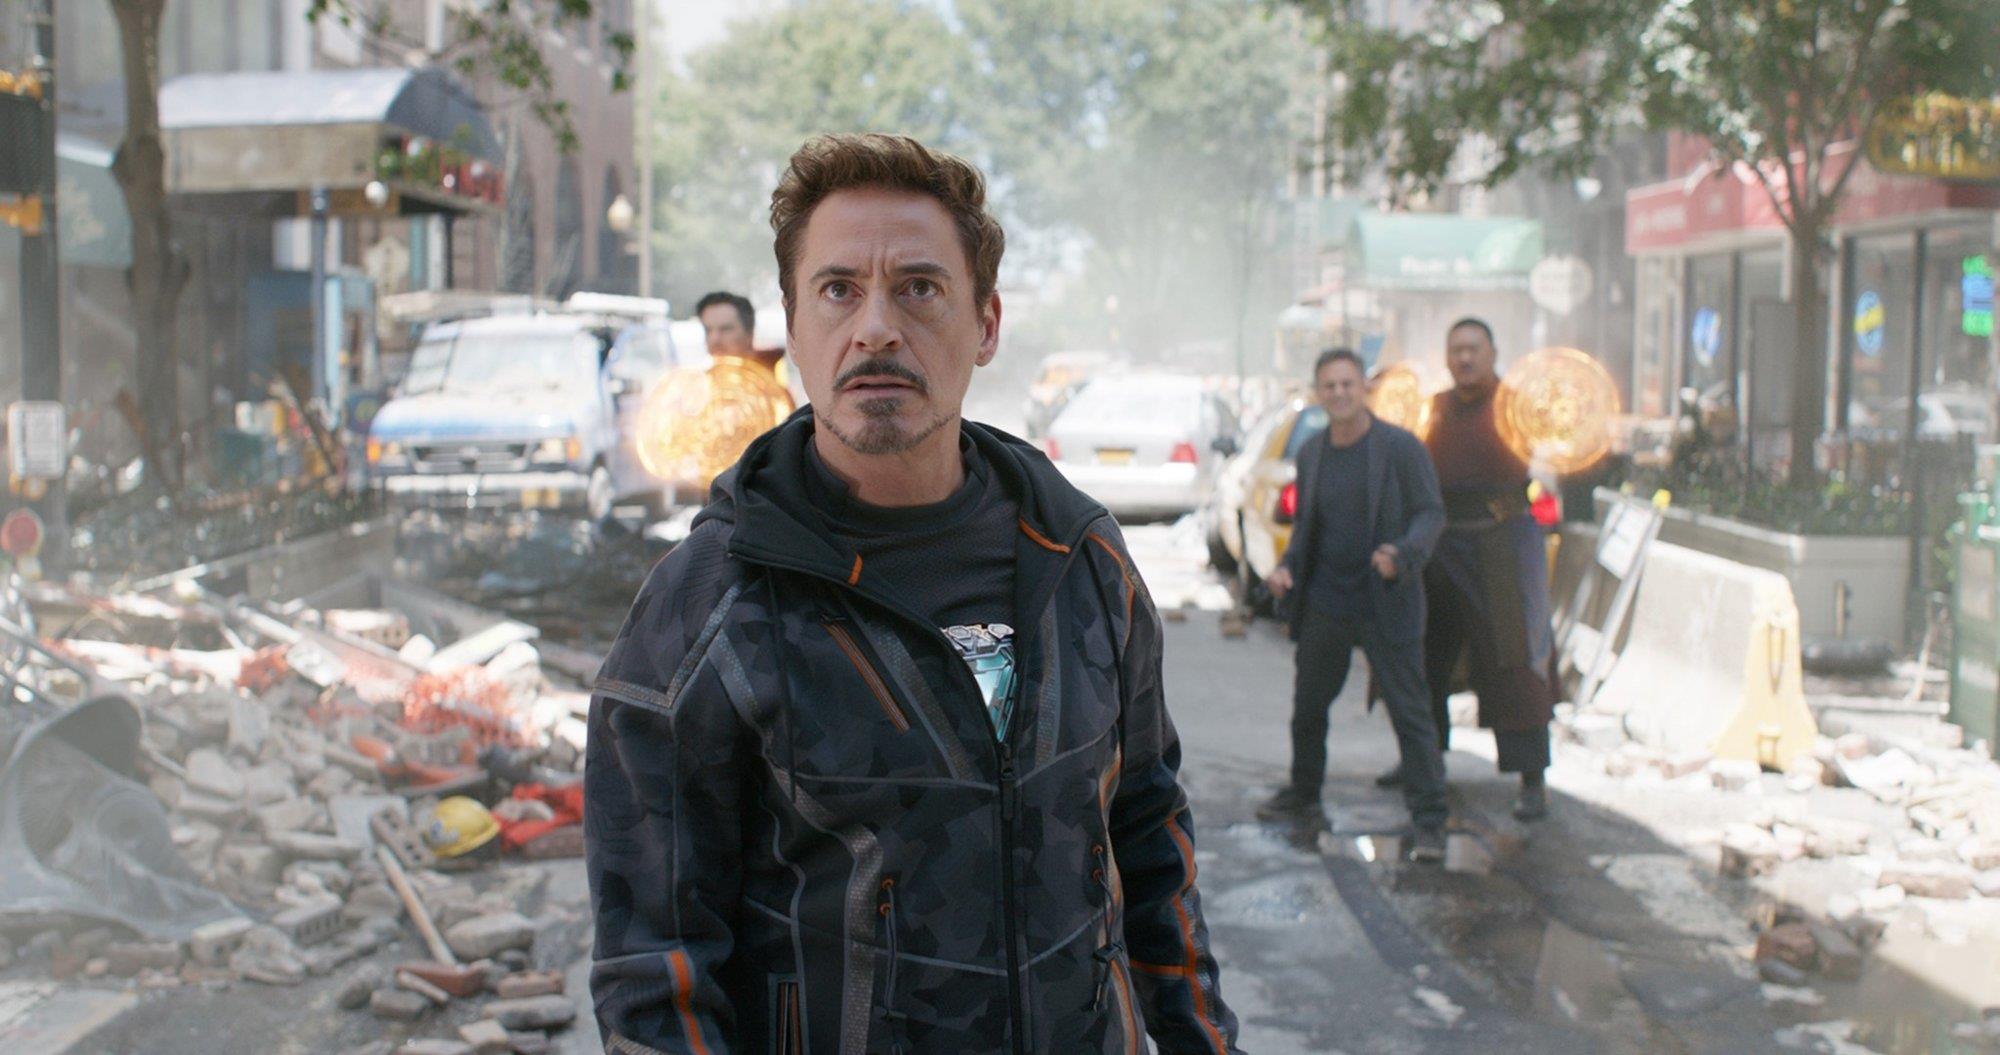 O que convém saberes (ou recordares) antes de veres o Avengers: Infinity War?